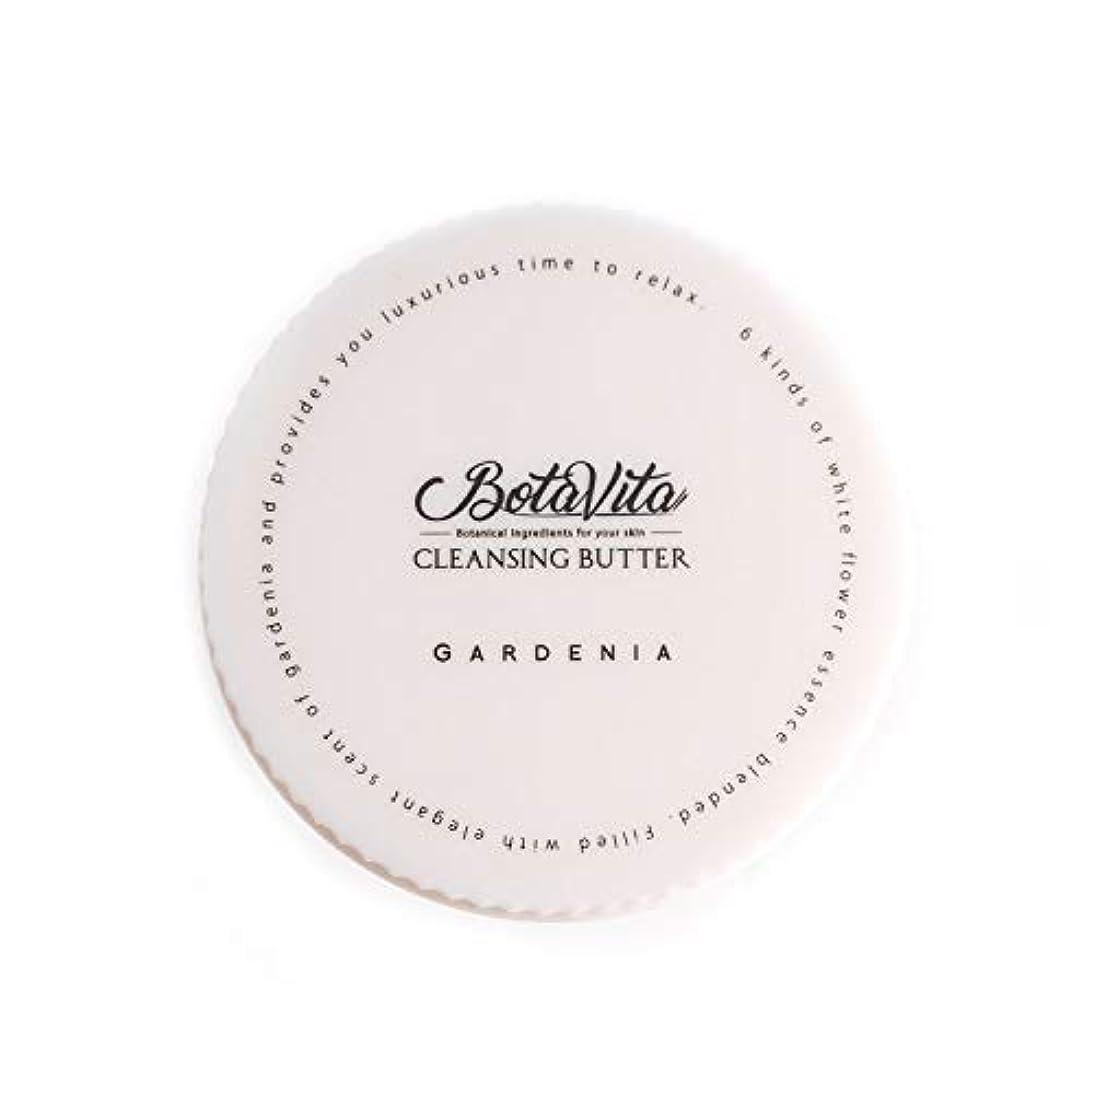 群れ変化群れBotaVita ボタヴィータ クレンジングバター <ガーデニア> 80g ダブル洗顔不要 マツエク対応 保湿ケア 毛穴汚れオフ